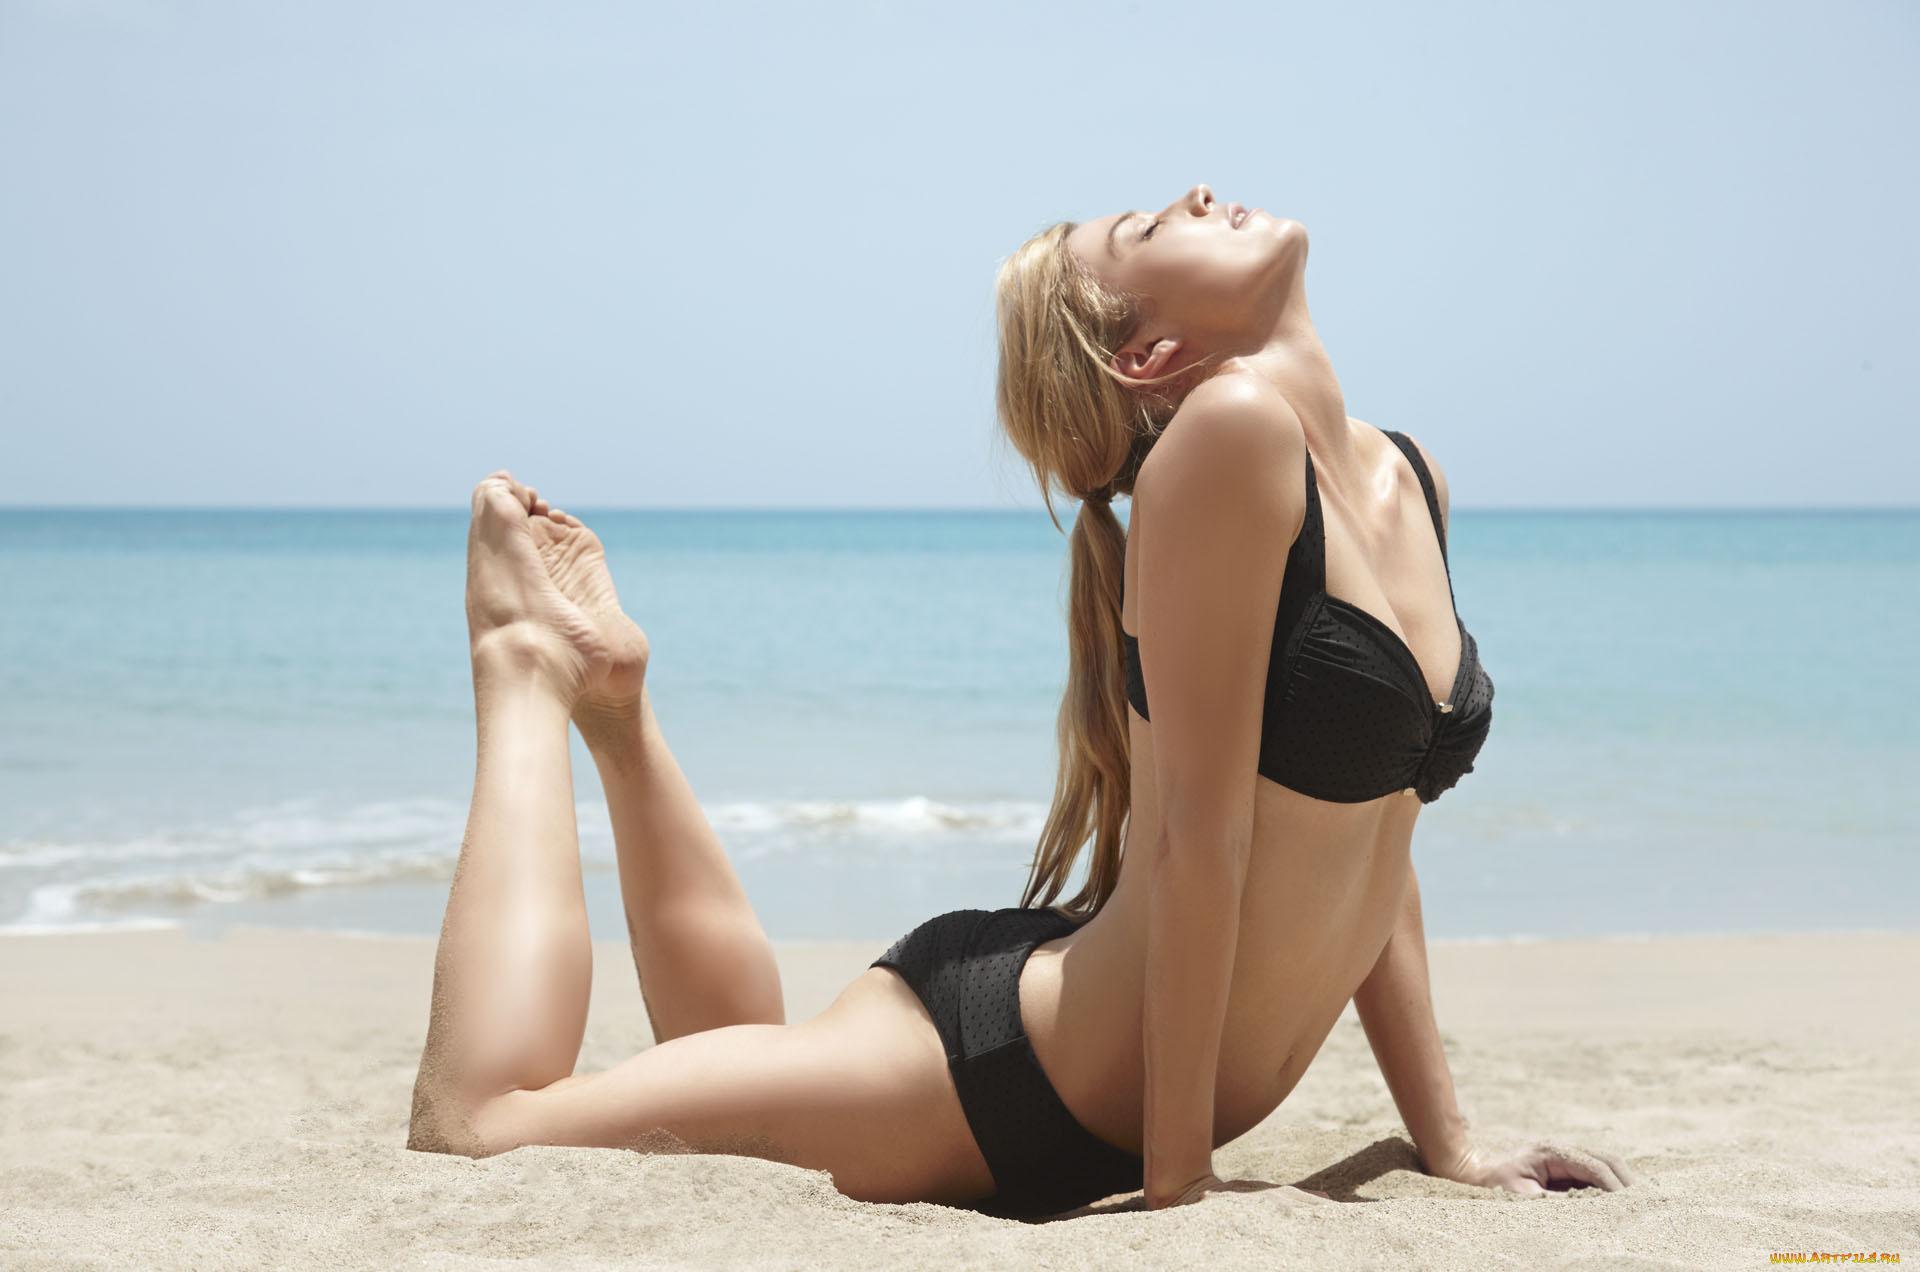 Фото на пляже девушки боком